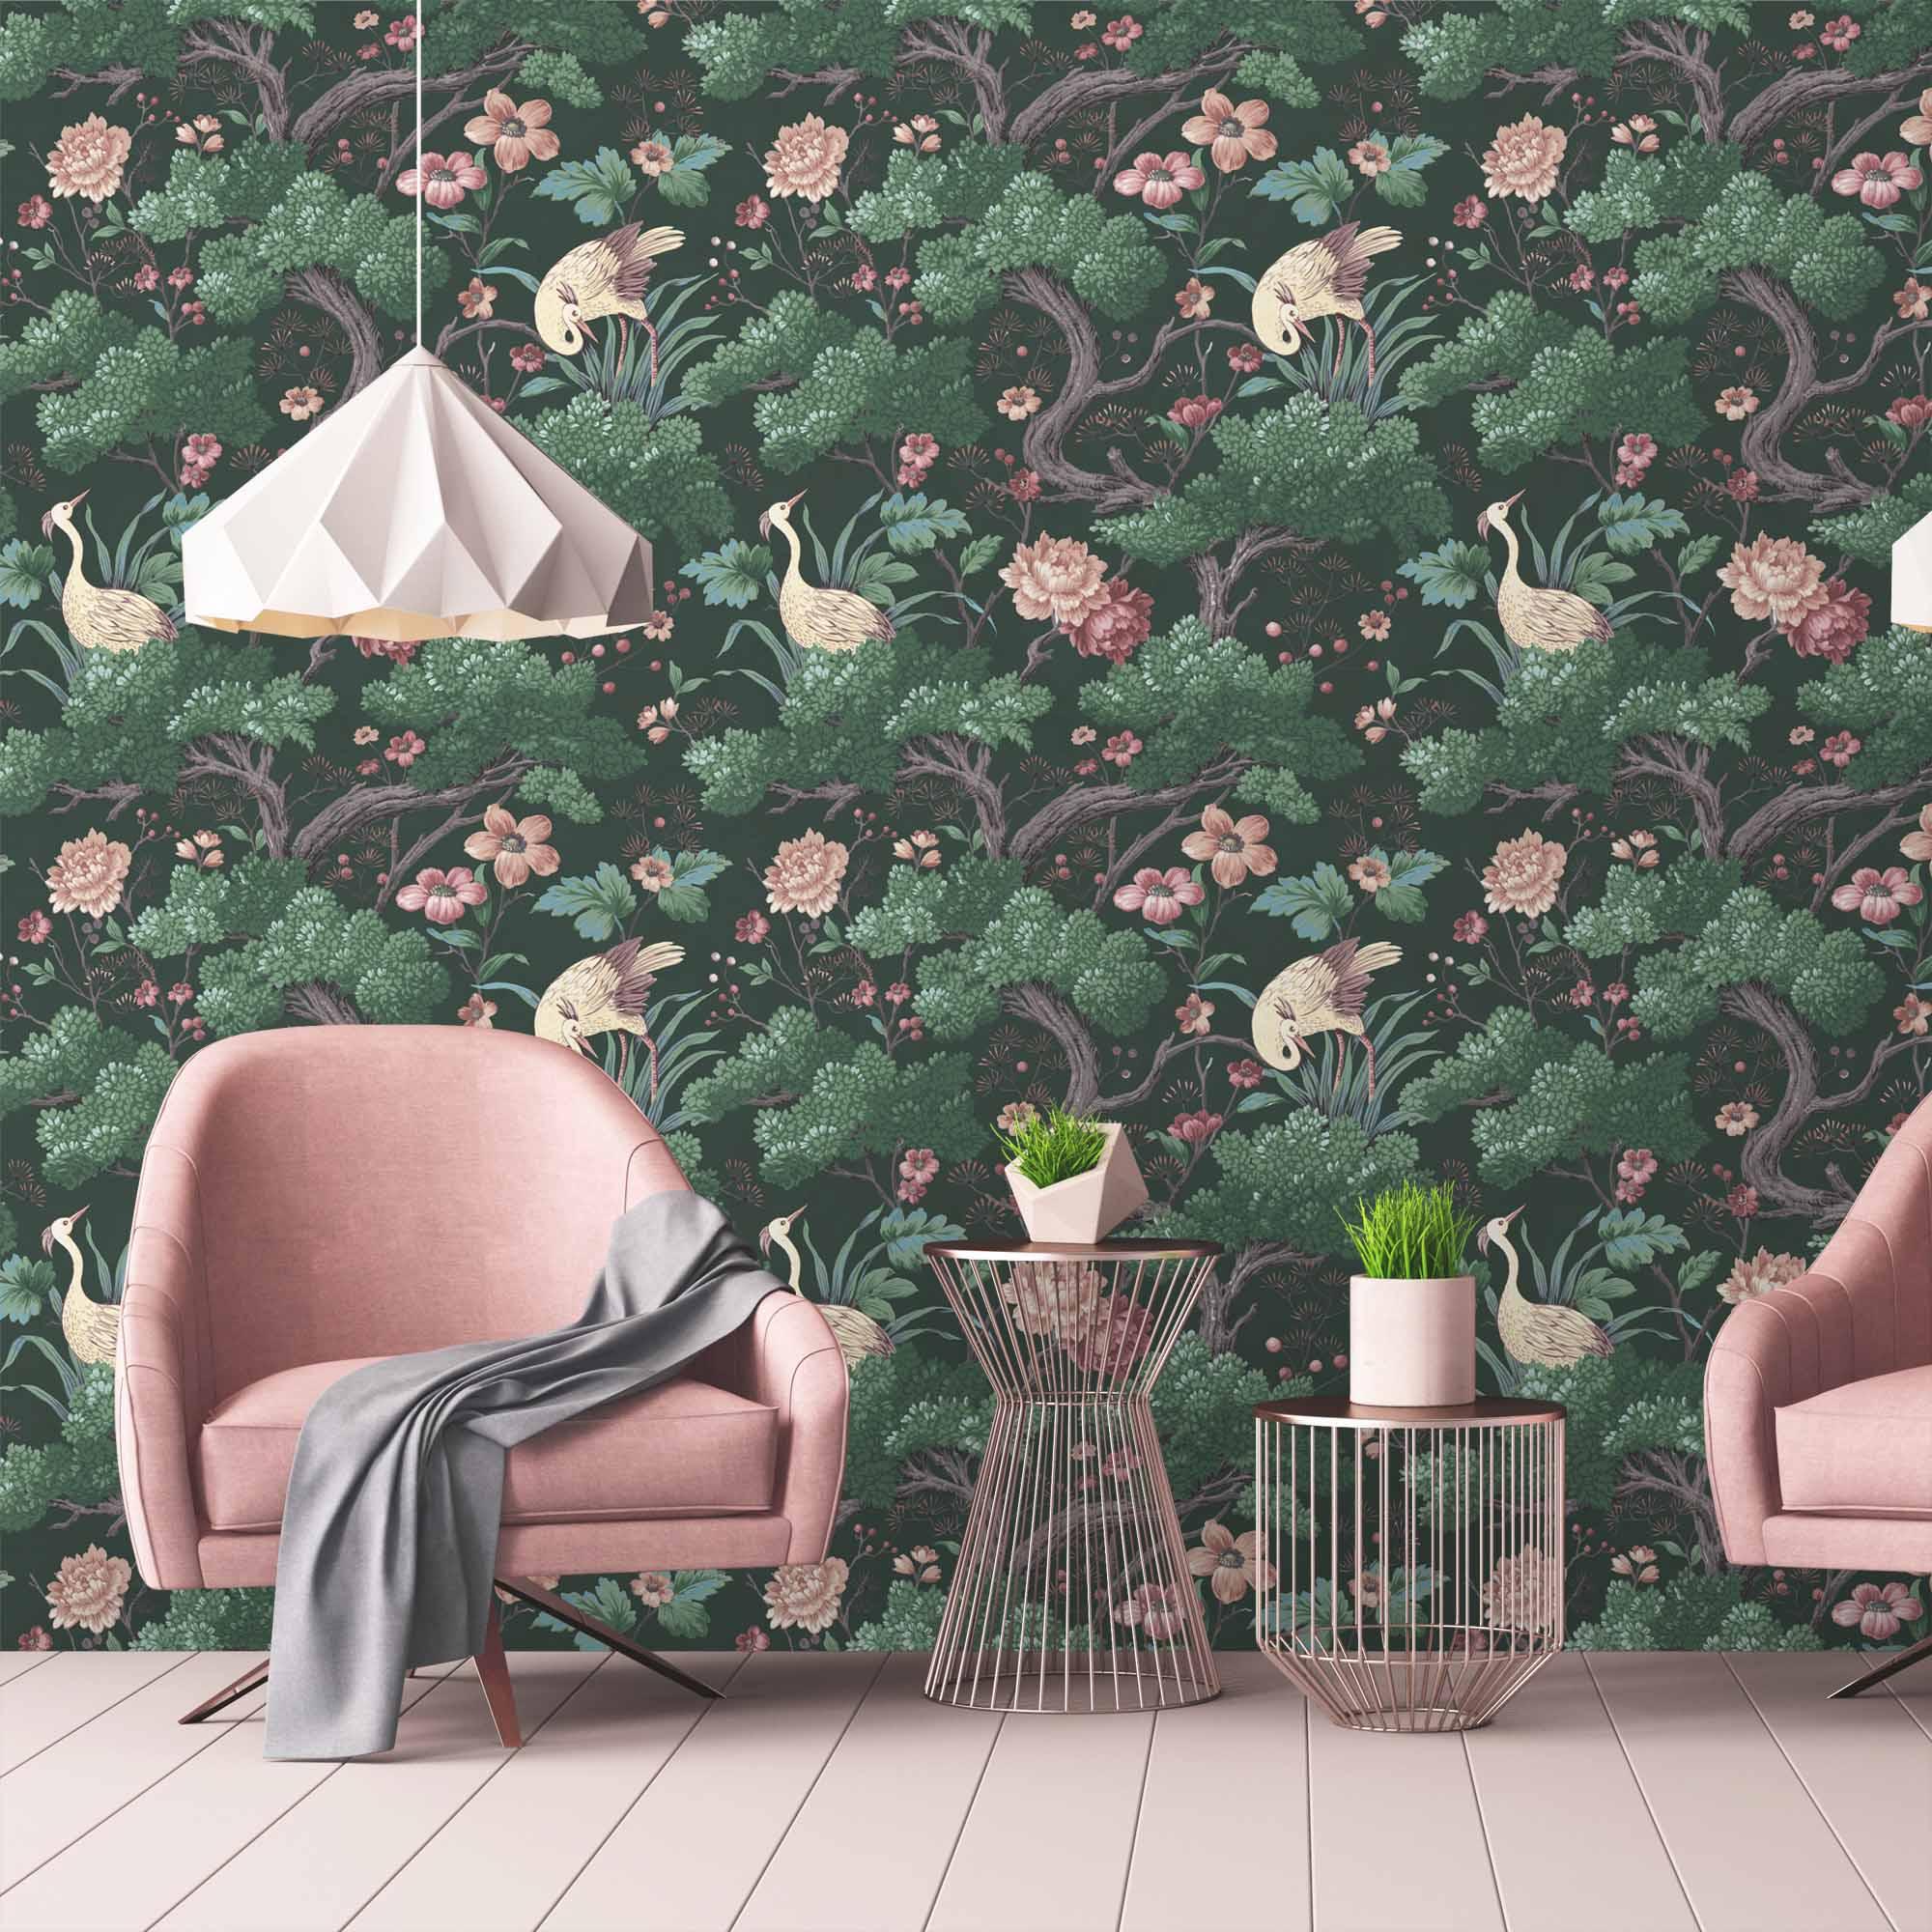 Pudrowy róż we wnętrzach. Z czym łączyć pastelowy róż na ścianach?Pudrowy róż we wnętrzach. Z czym łączyć pastelowy róż na ścianach?